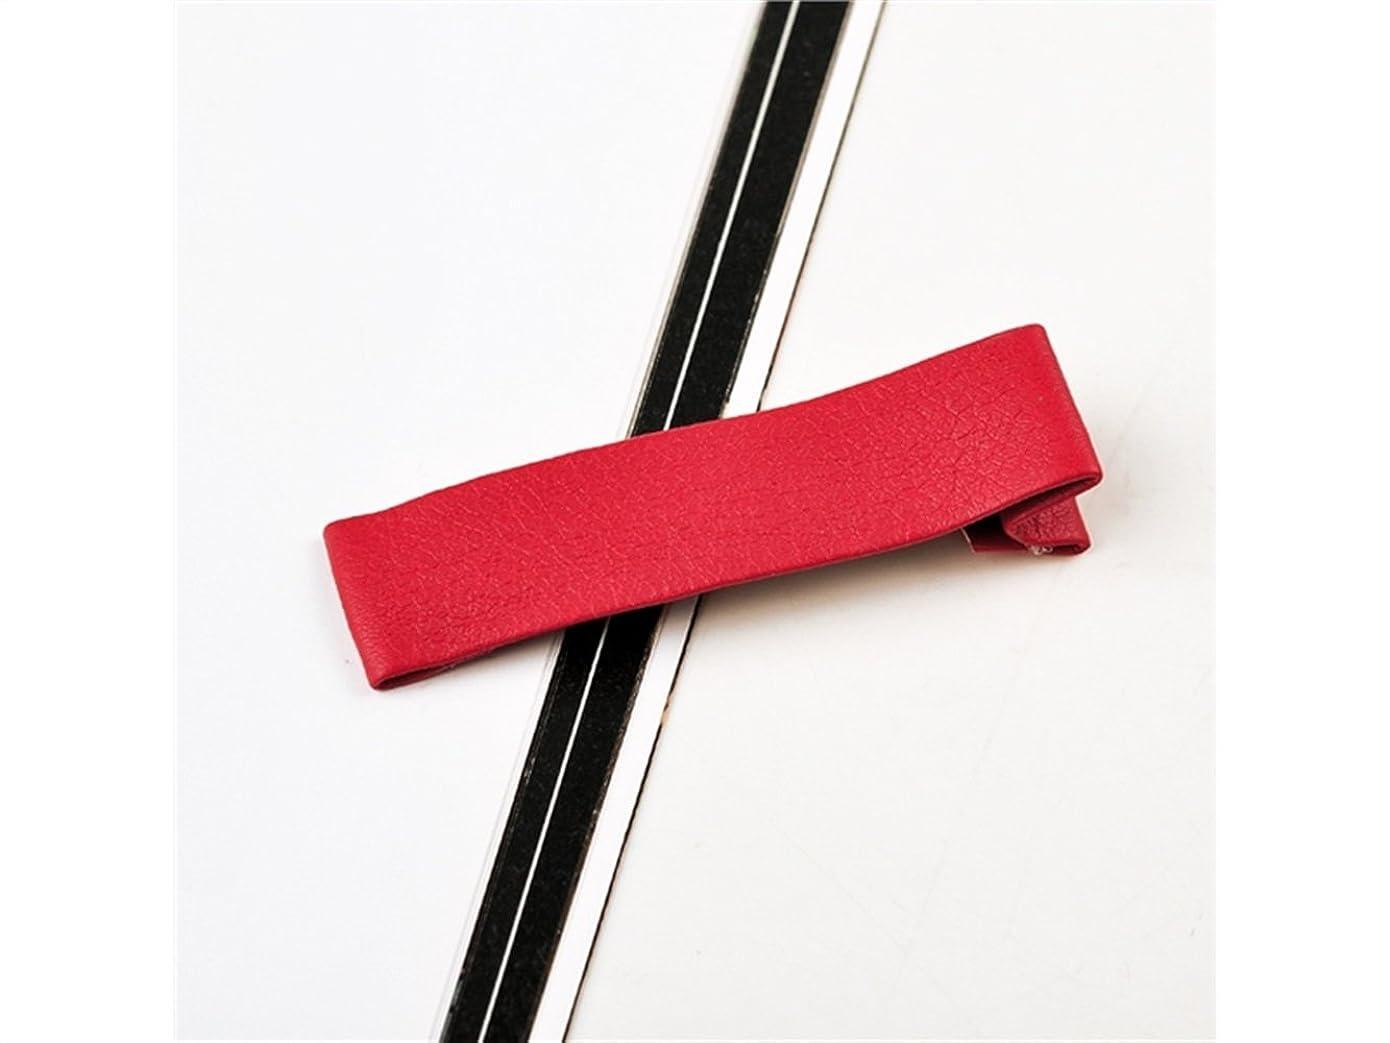 回答壁紙ストレスOsize 美しいスタイル シンプルな純粋な色のレザークリップは、ヘアピンダックビルクリップアクセサリー女性の女の子(赤)